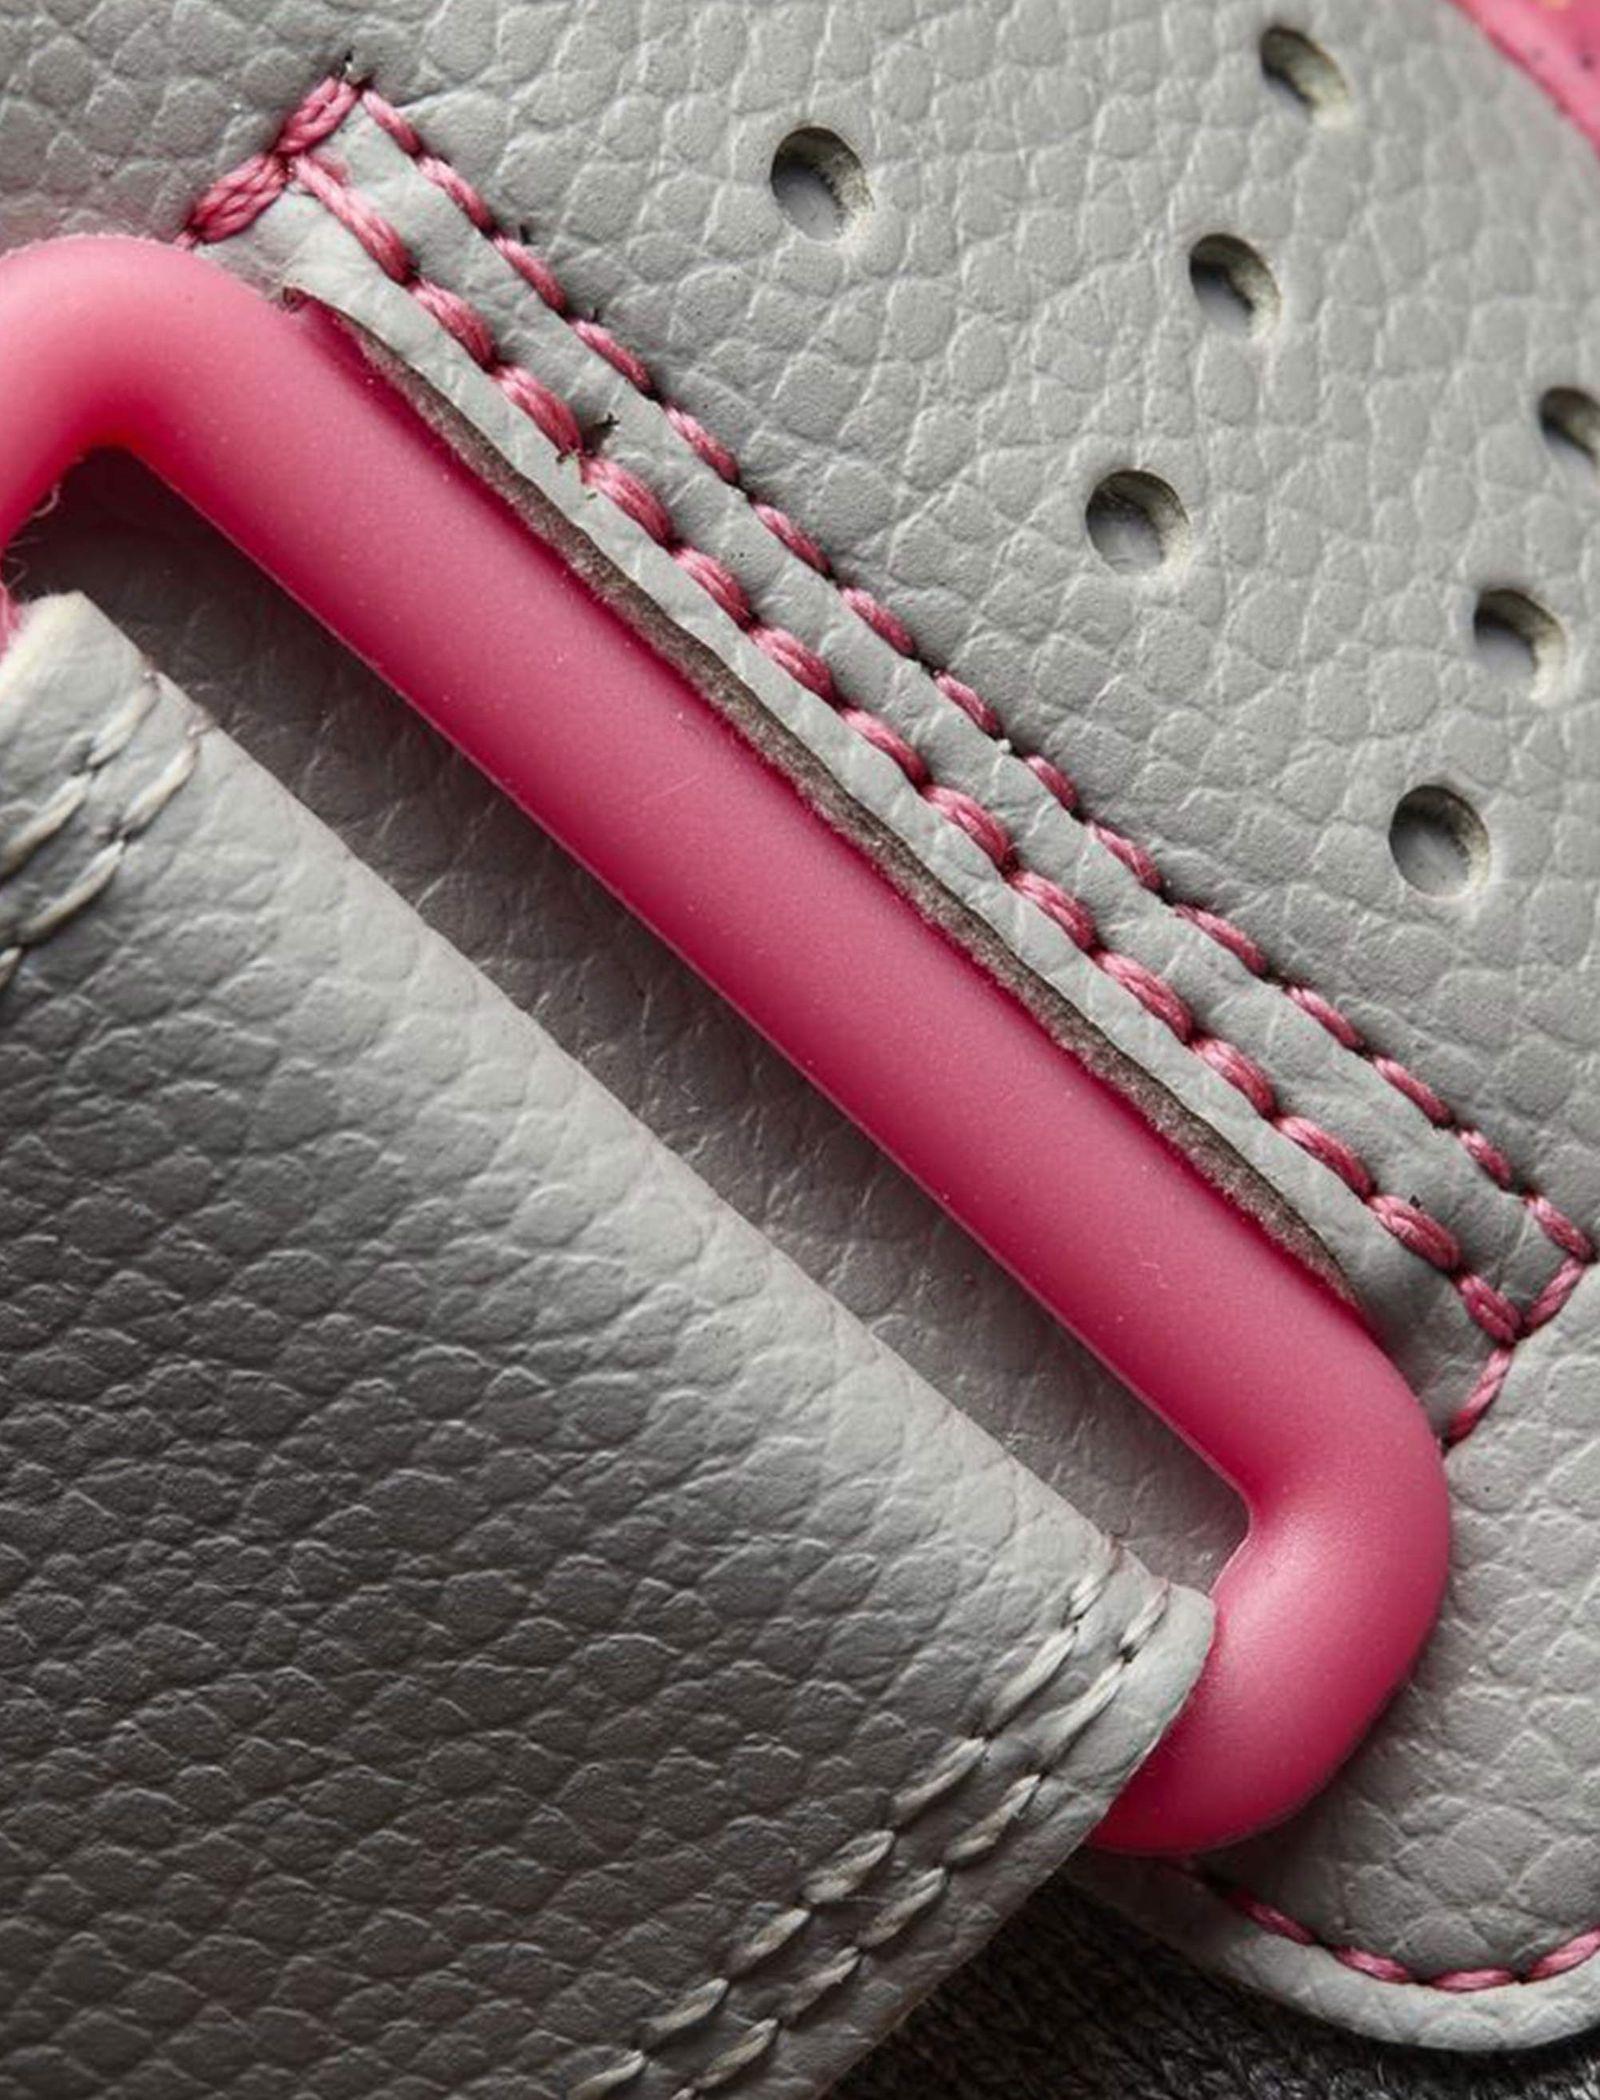 کفش تمرین چسبی دخترانه FortaPlay - آدیداس - صورتي - 6